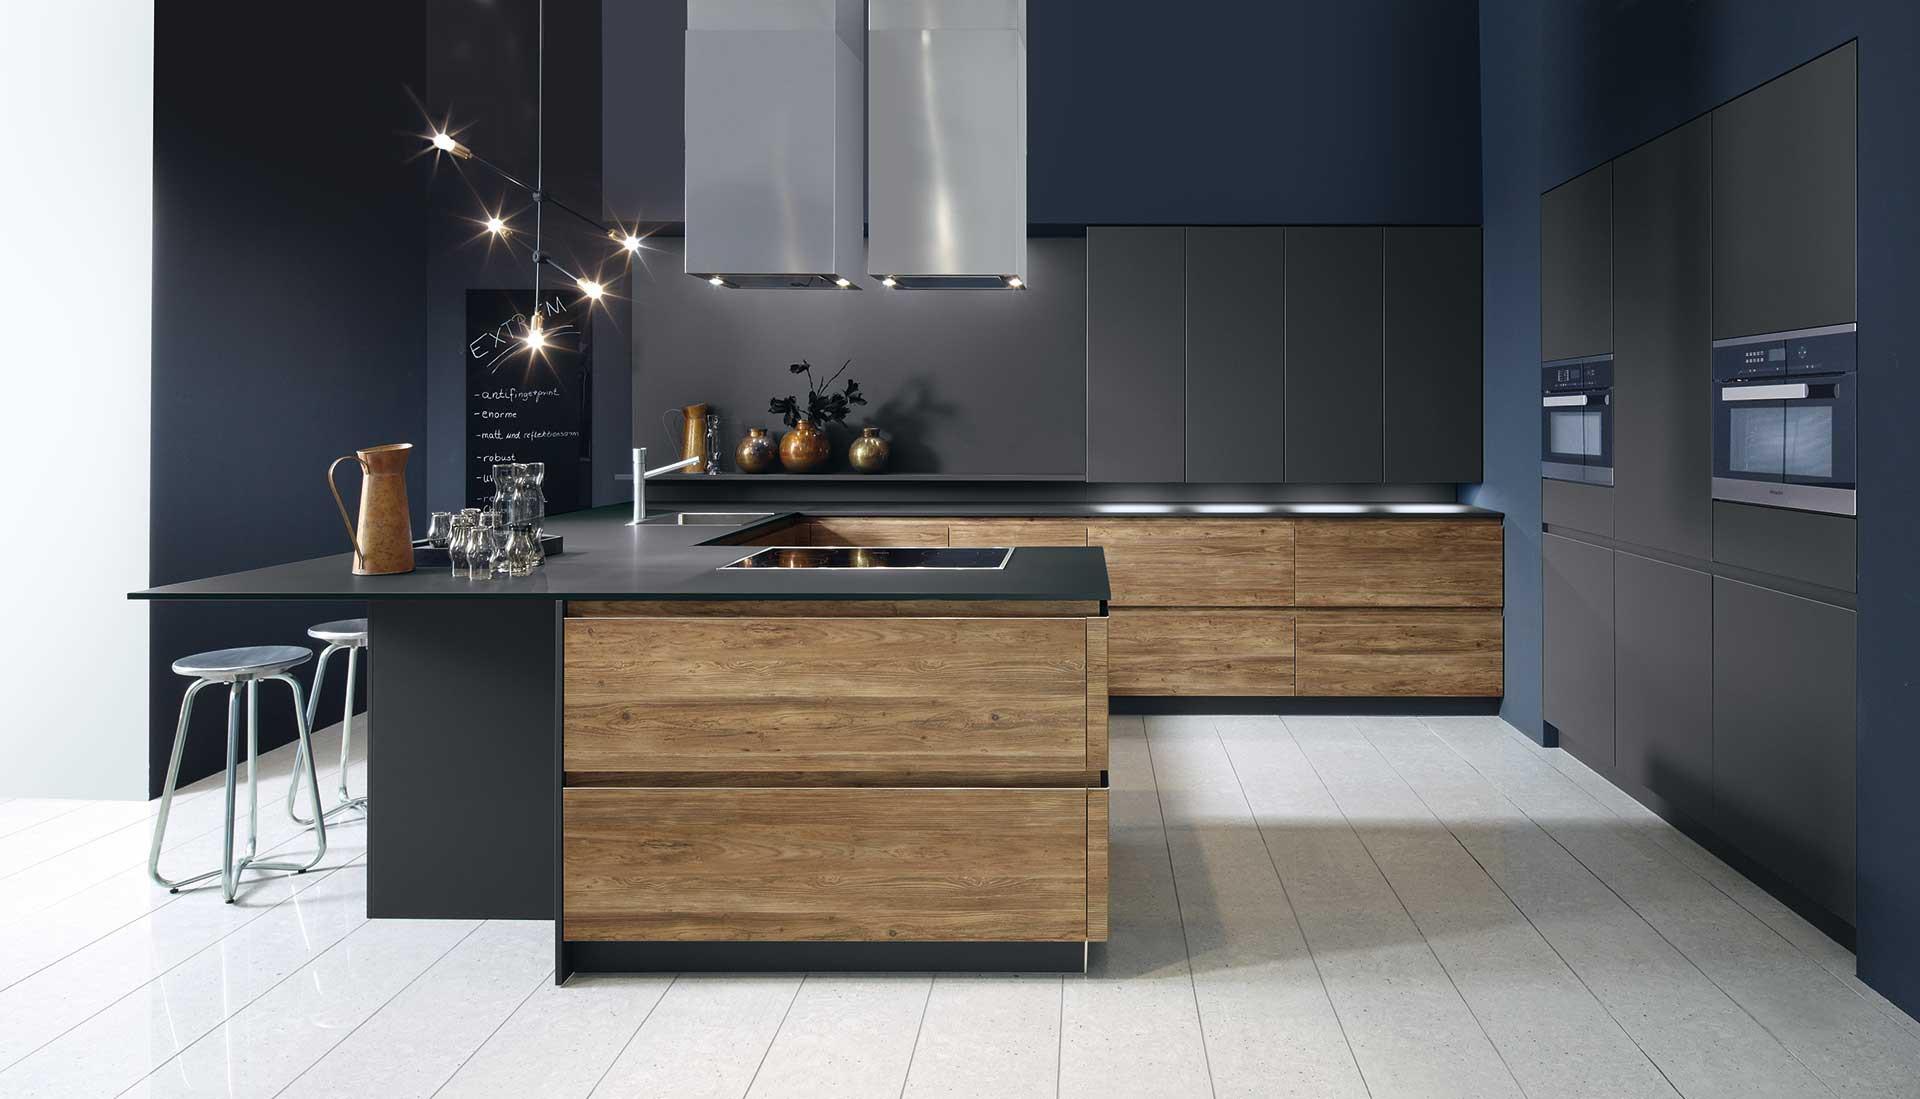 Keuken Design Inspiratie : Moderne keukens met hout grafische inspiratie met keuken d signers